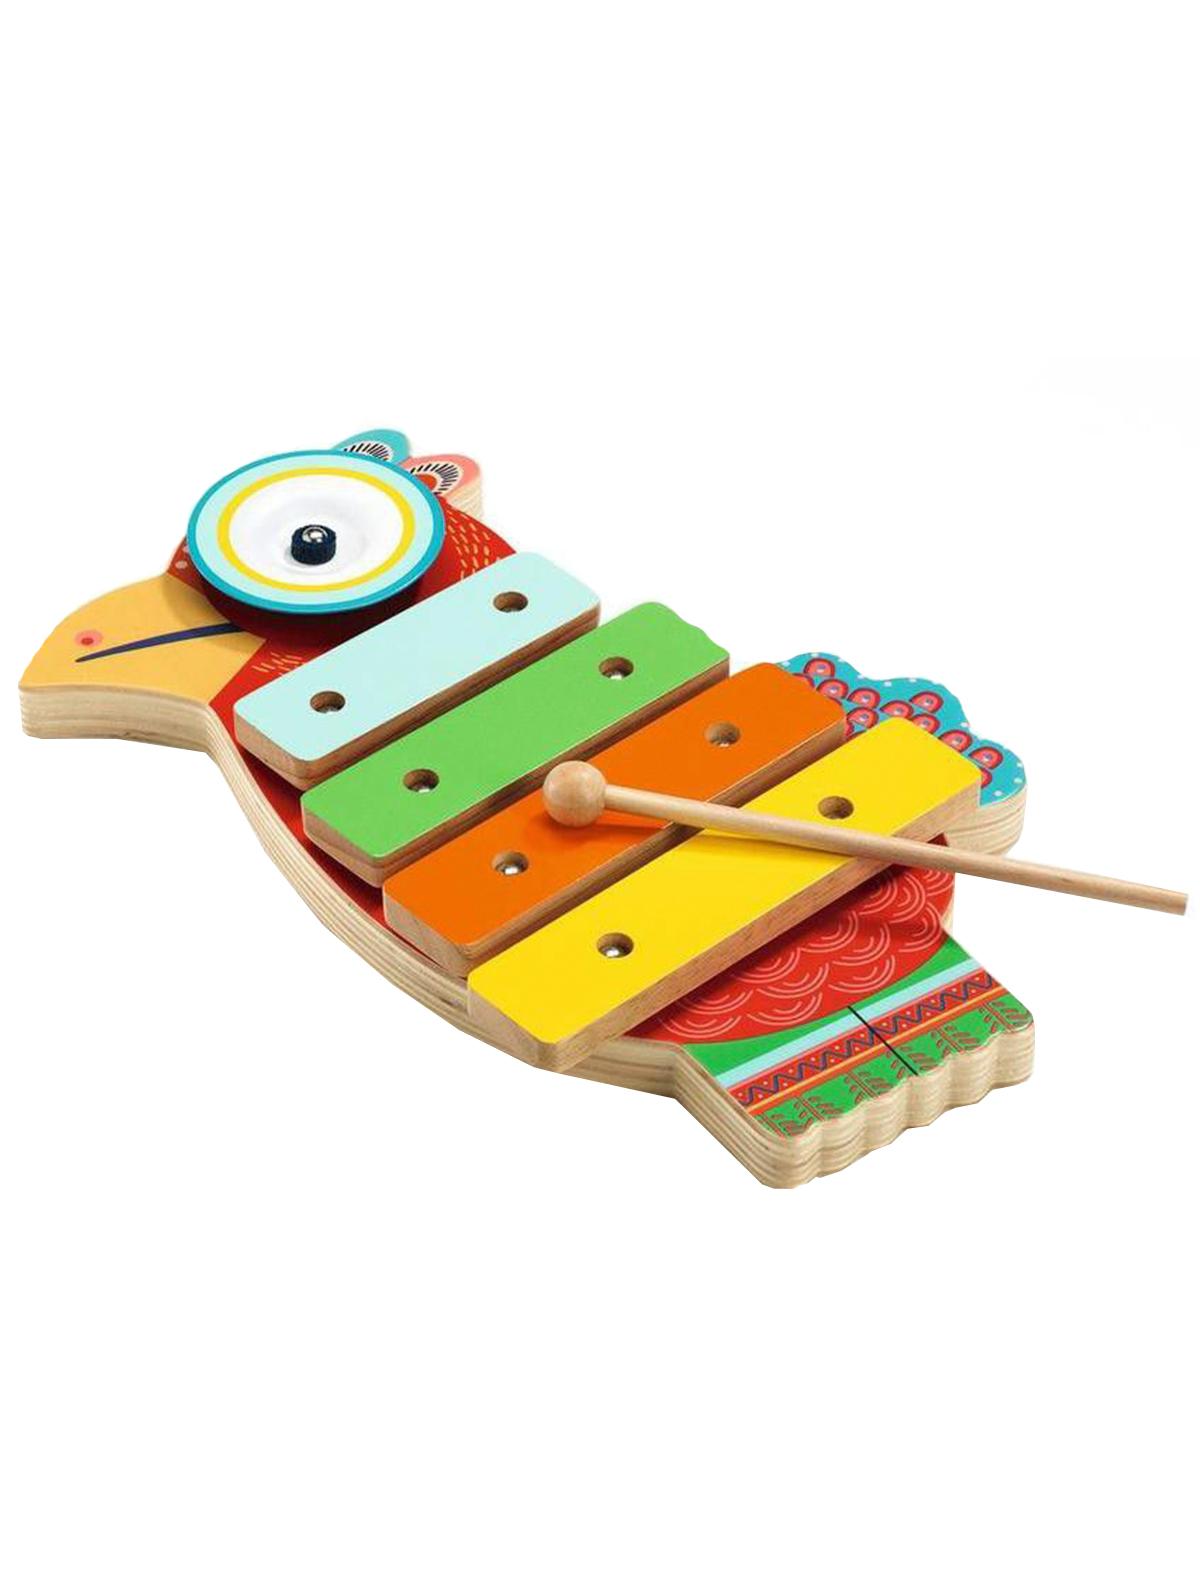 Купить 2135203, Игрушка Djeco, разноцветный, 7132529981188